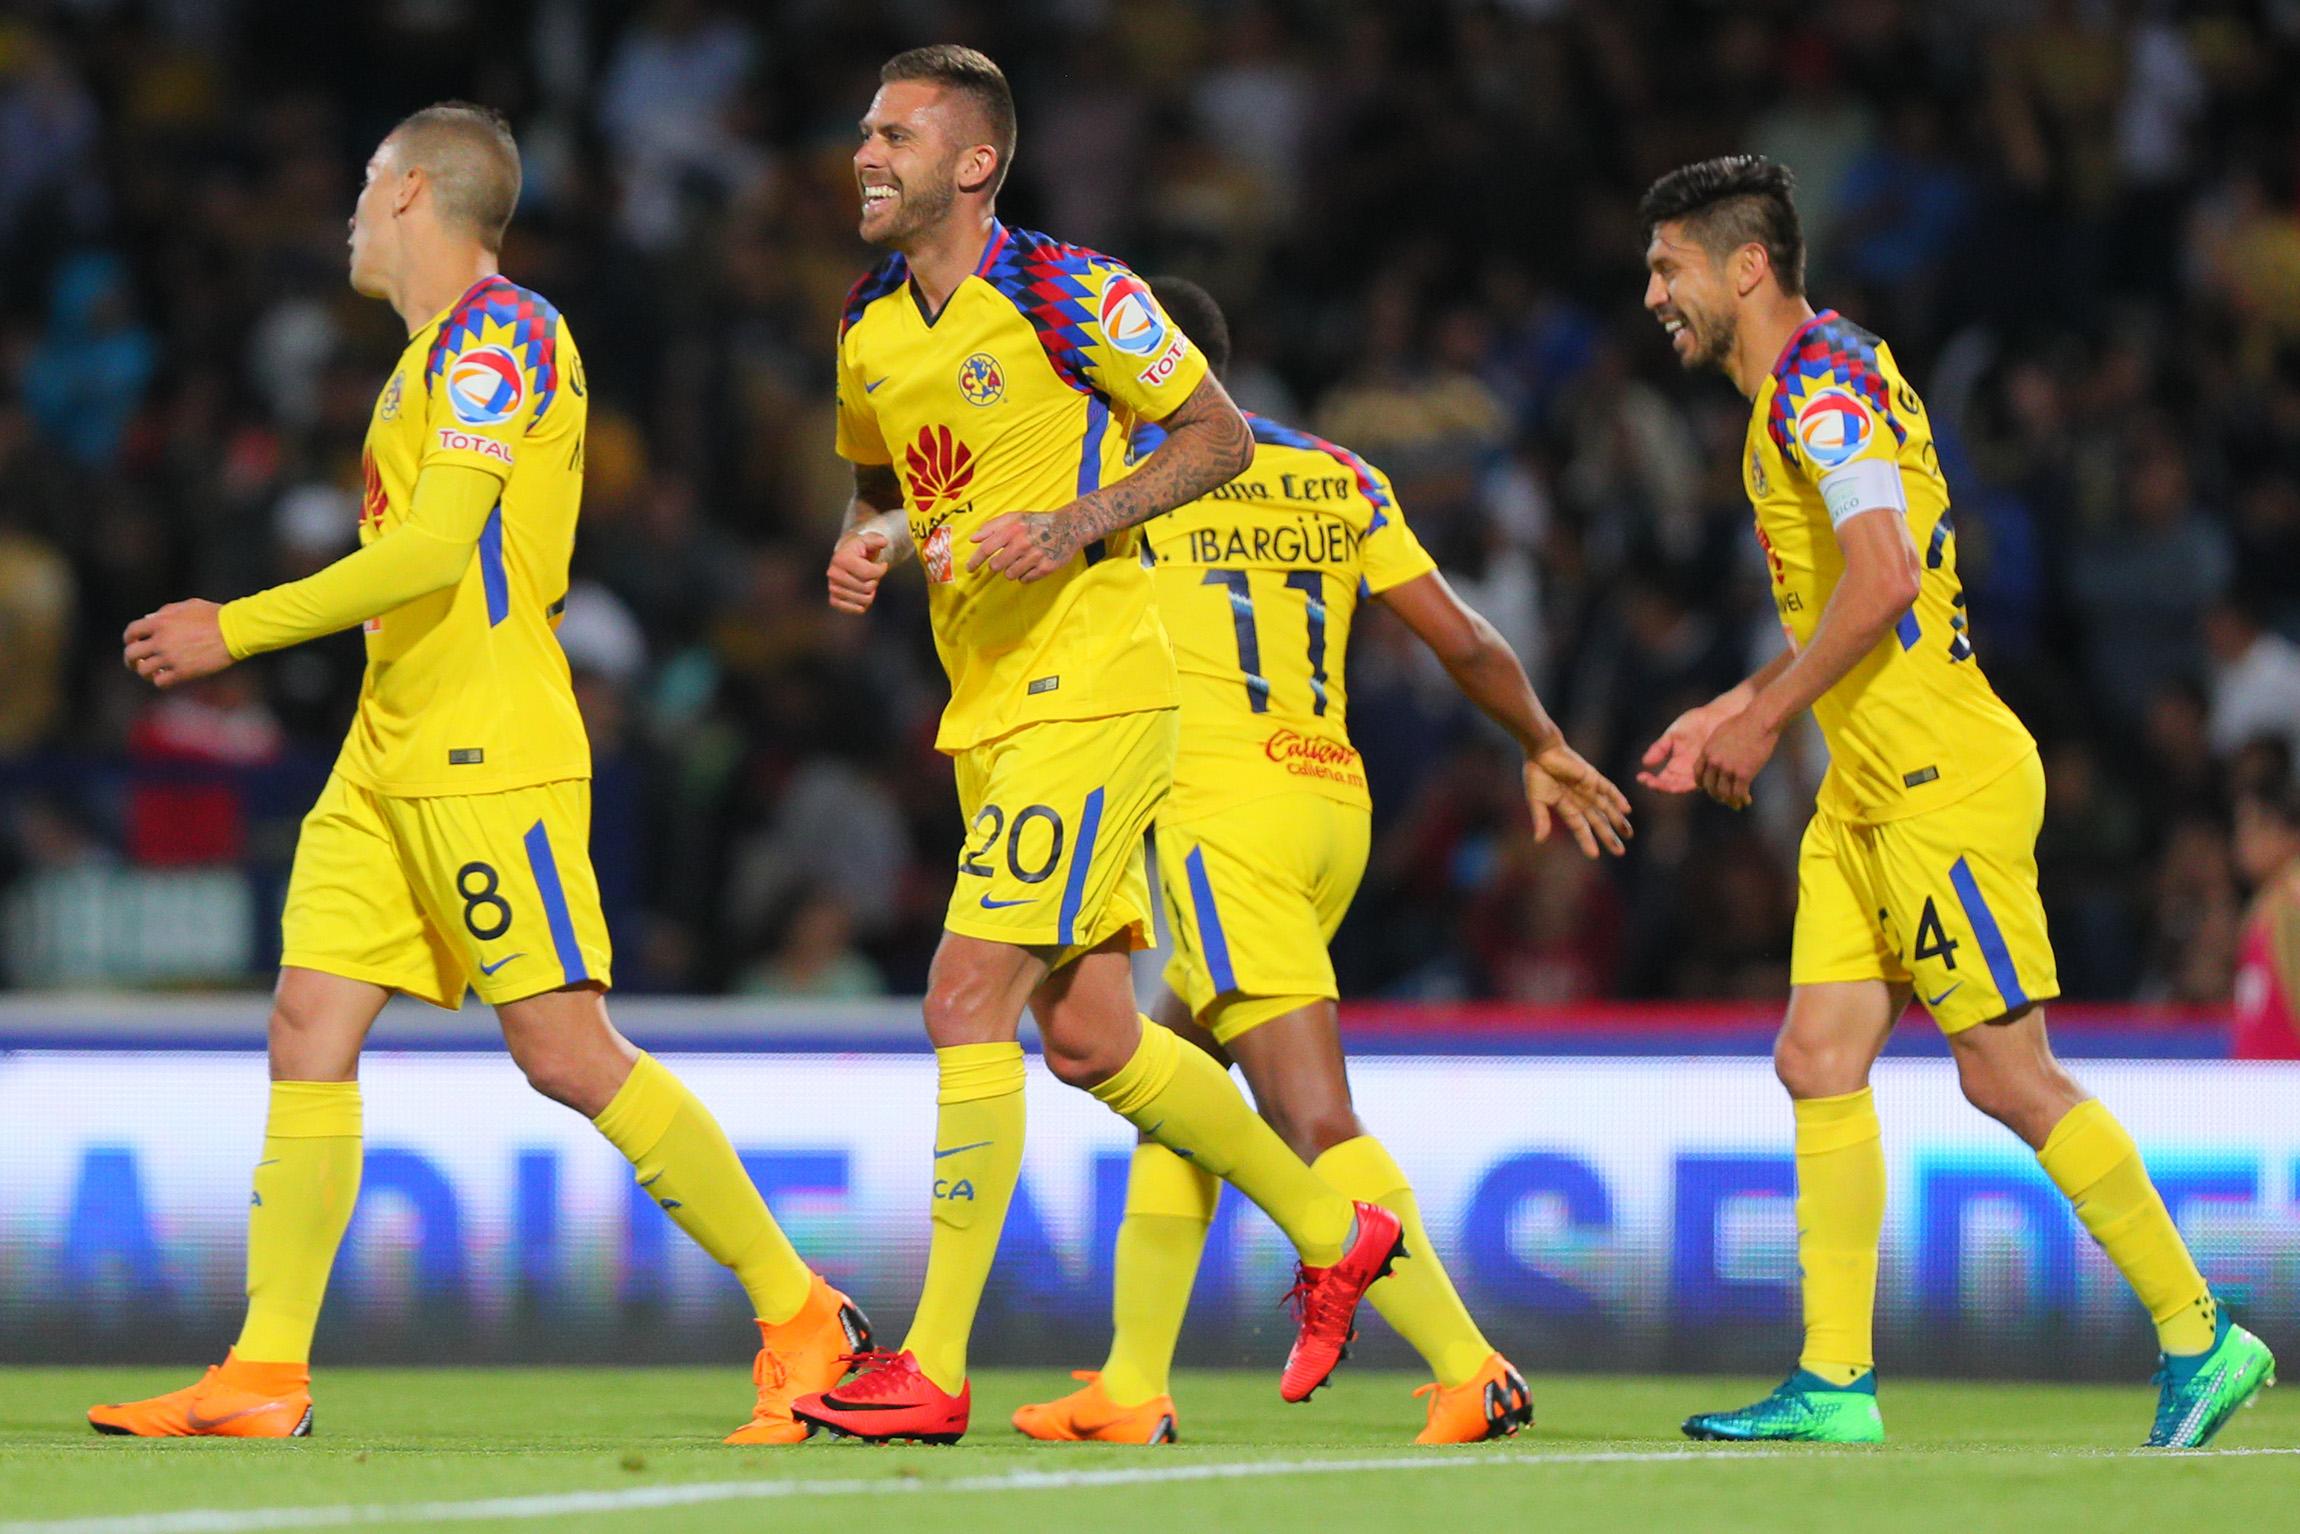 Santos exhibe al América 4-1 en ida de semifinales de Clausura 2018